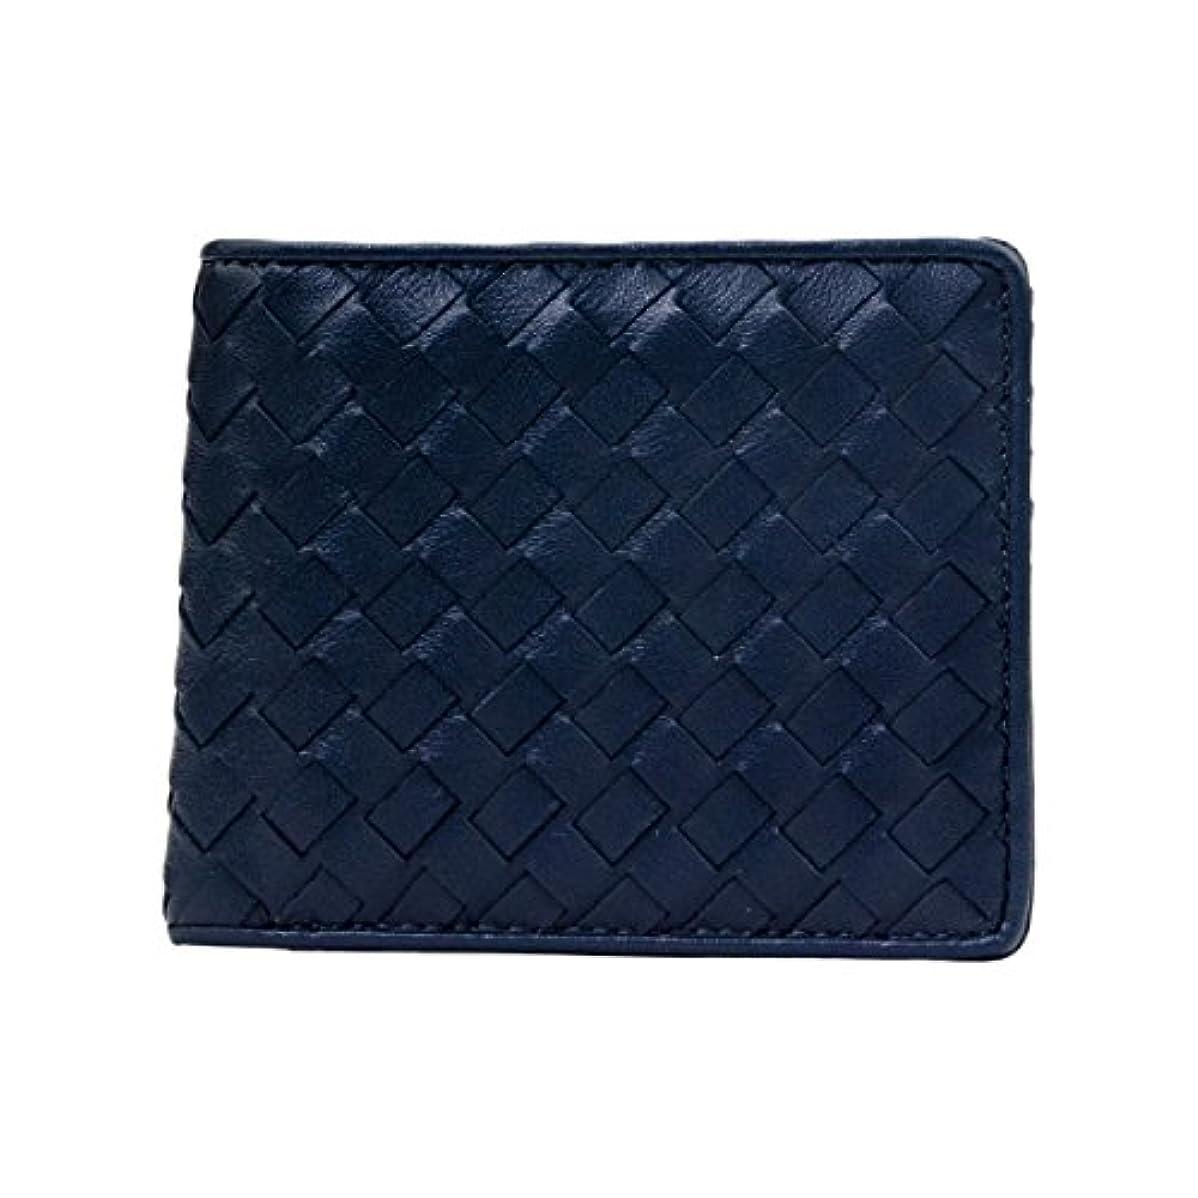 ビジョン練習該当する[ルッソ] LUSSO 二つ折り 財布 本革 ラムレザー イントレチャート 財布 ウォレット